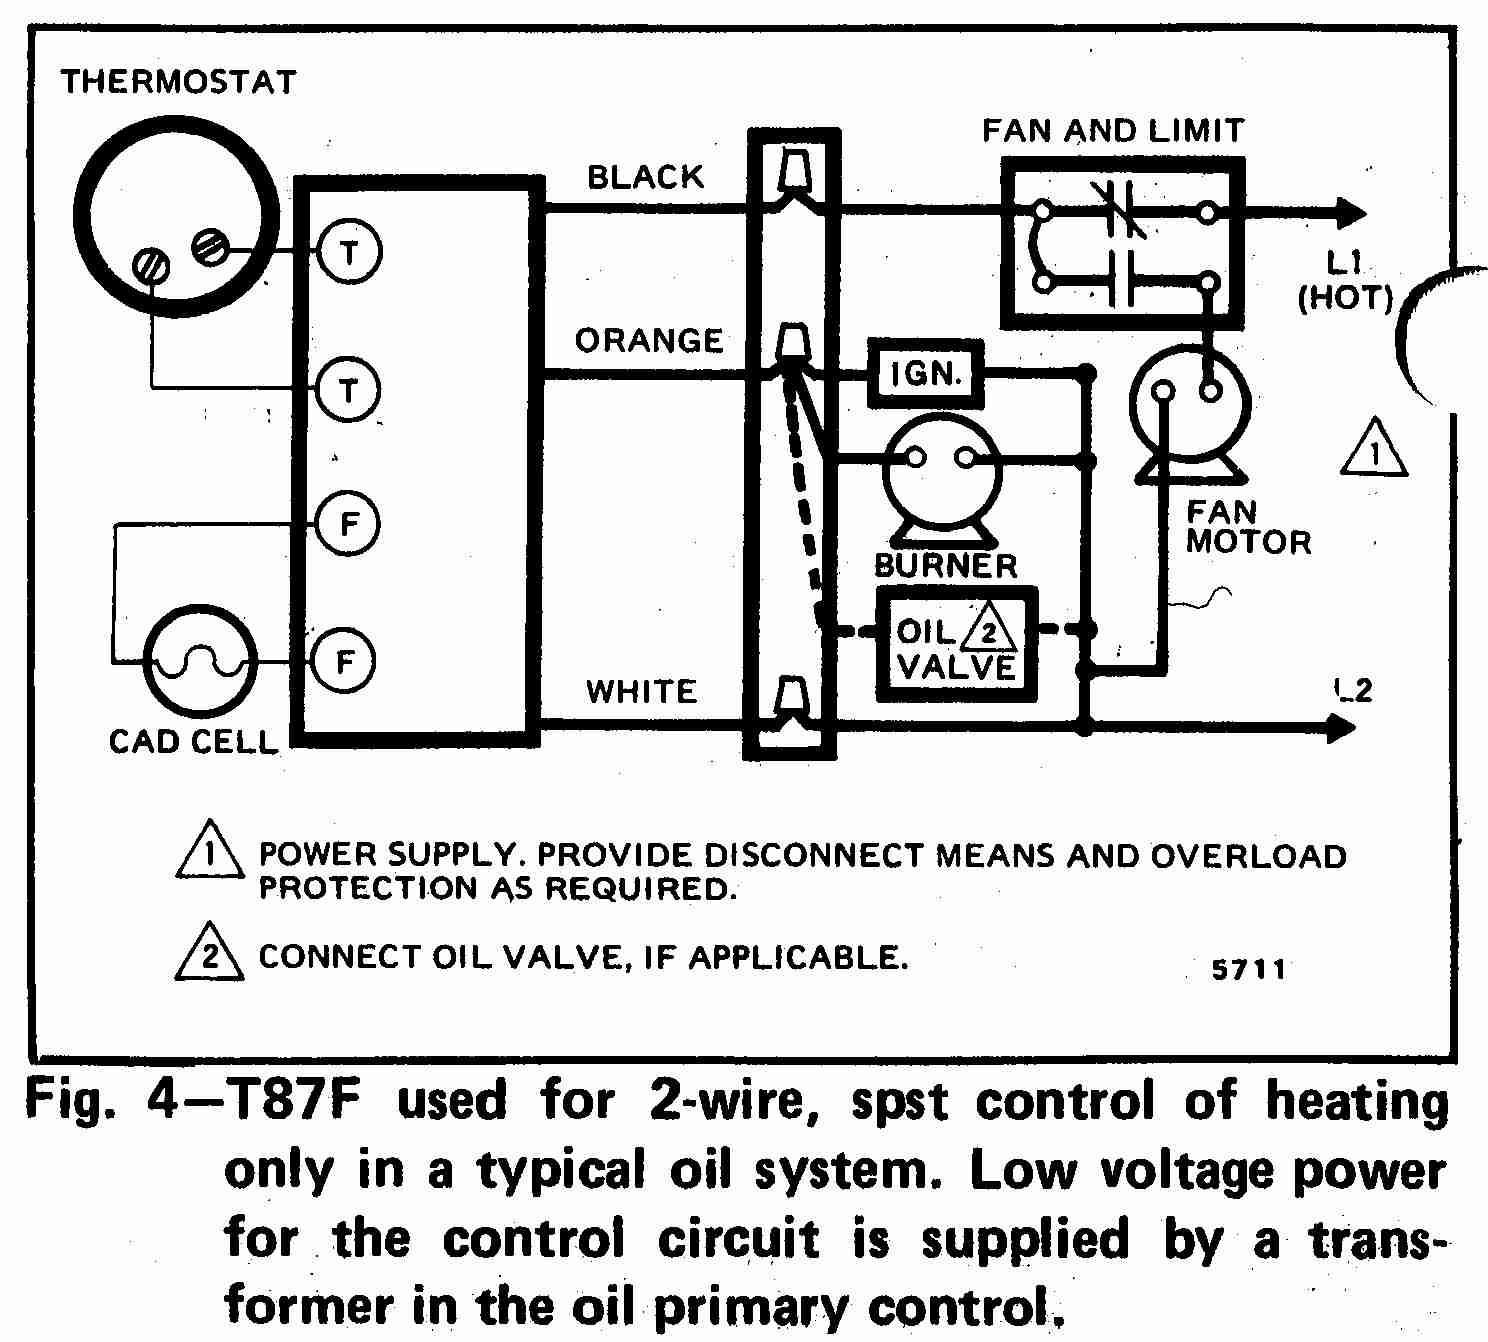 Wiring Diagram Goodman Electric Furnace Save Manufacturing Diagrams - Goodman Electric Furnace Wiring Diagram